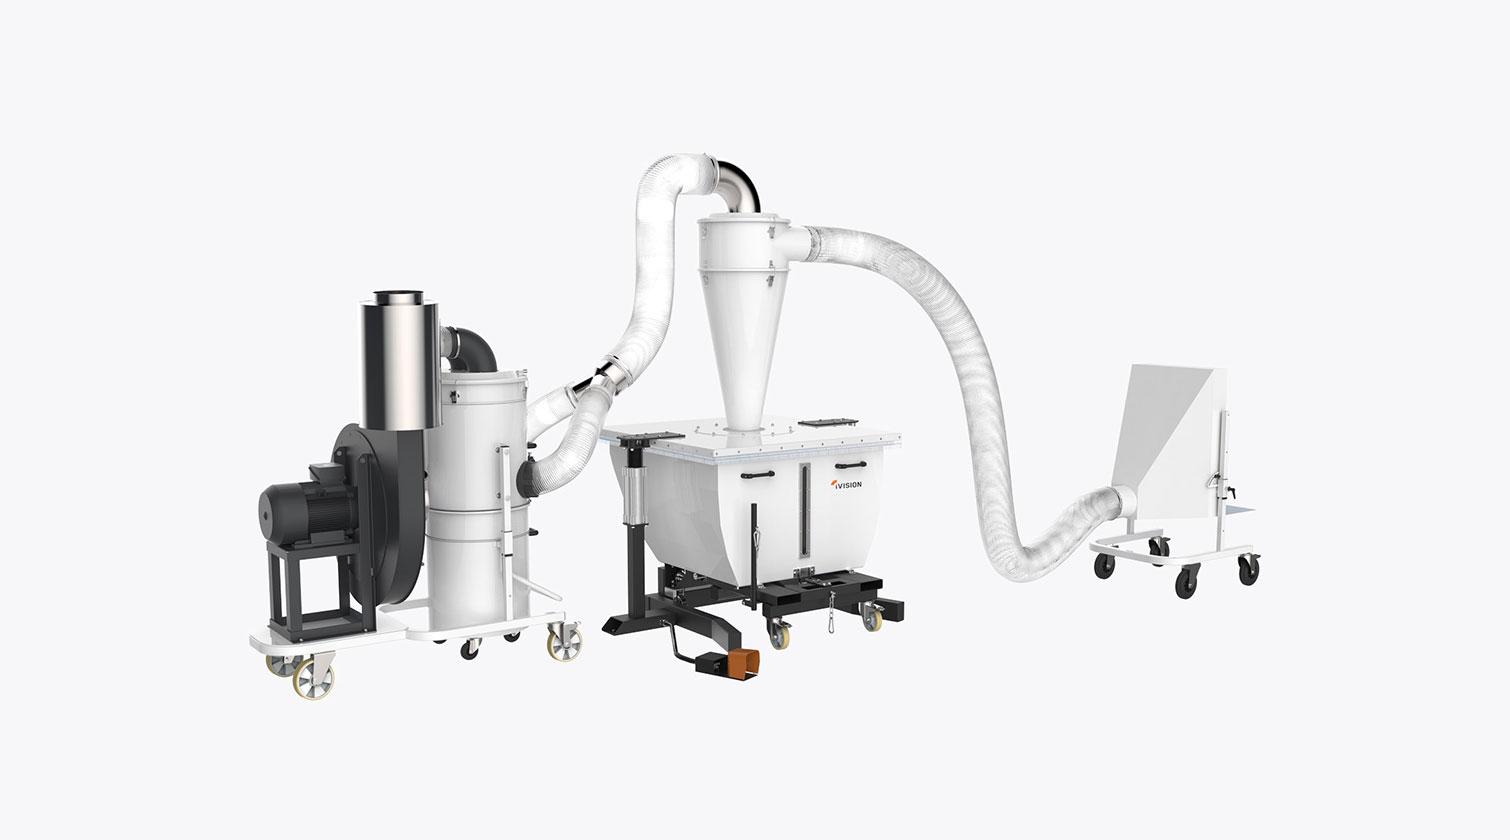 INT aluminum dust collector iVision iV turbine custom